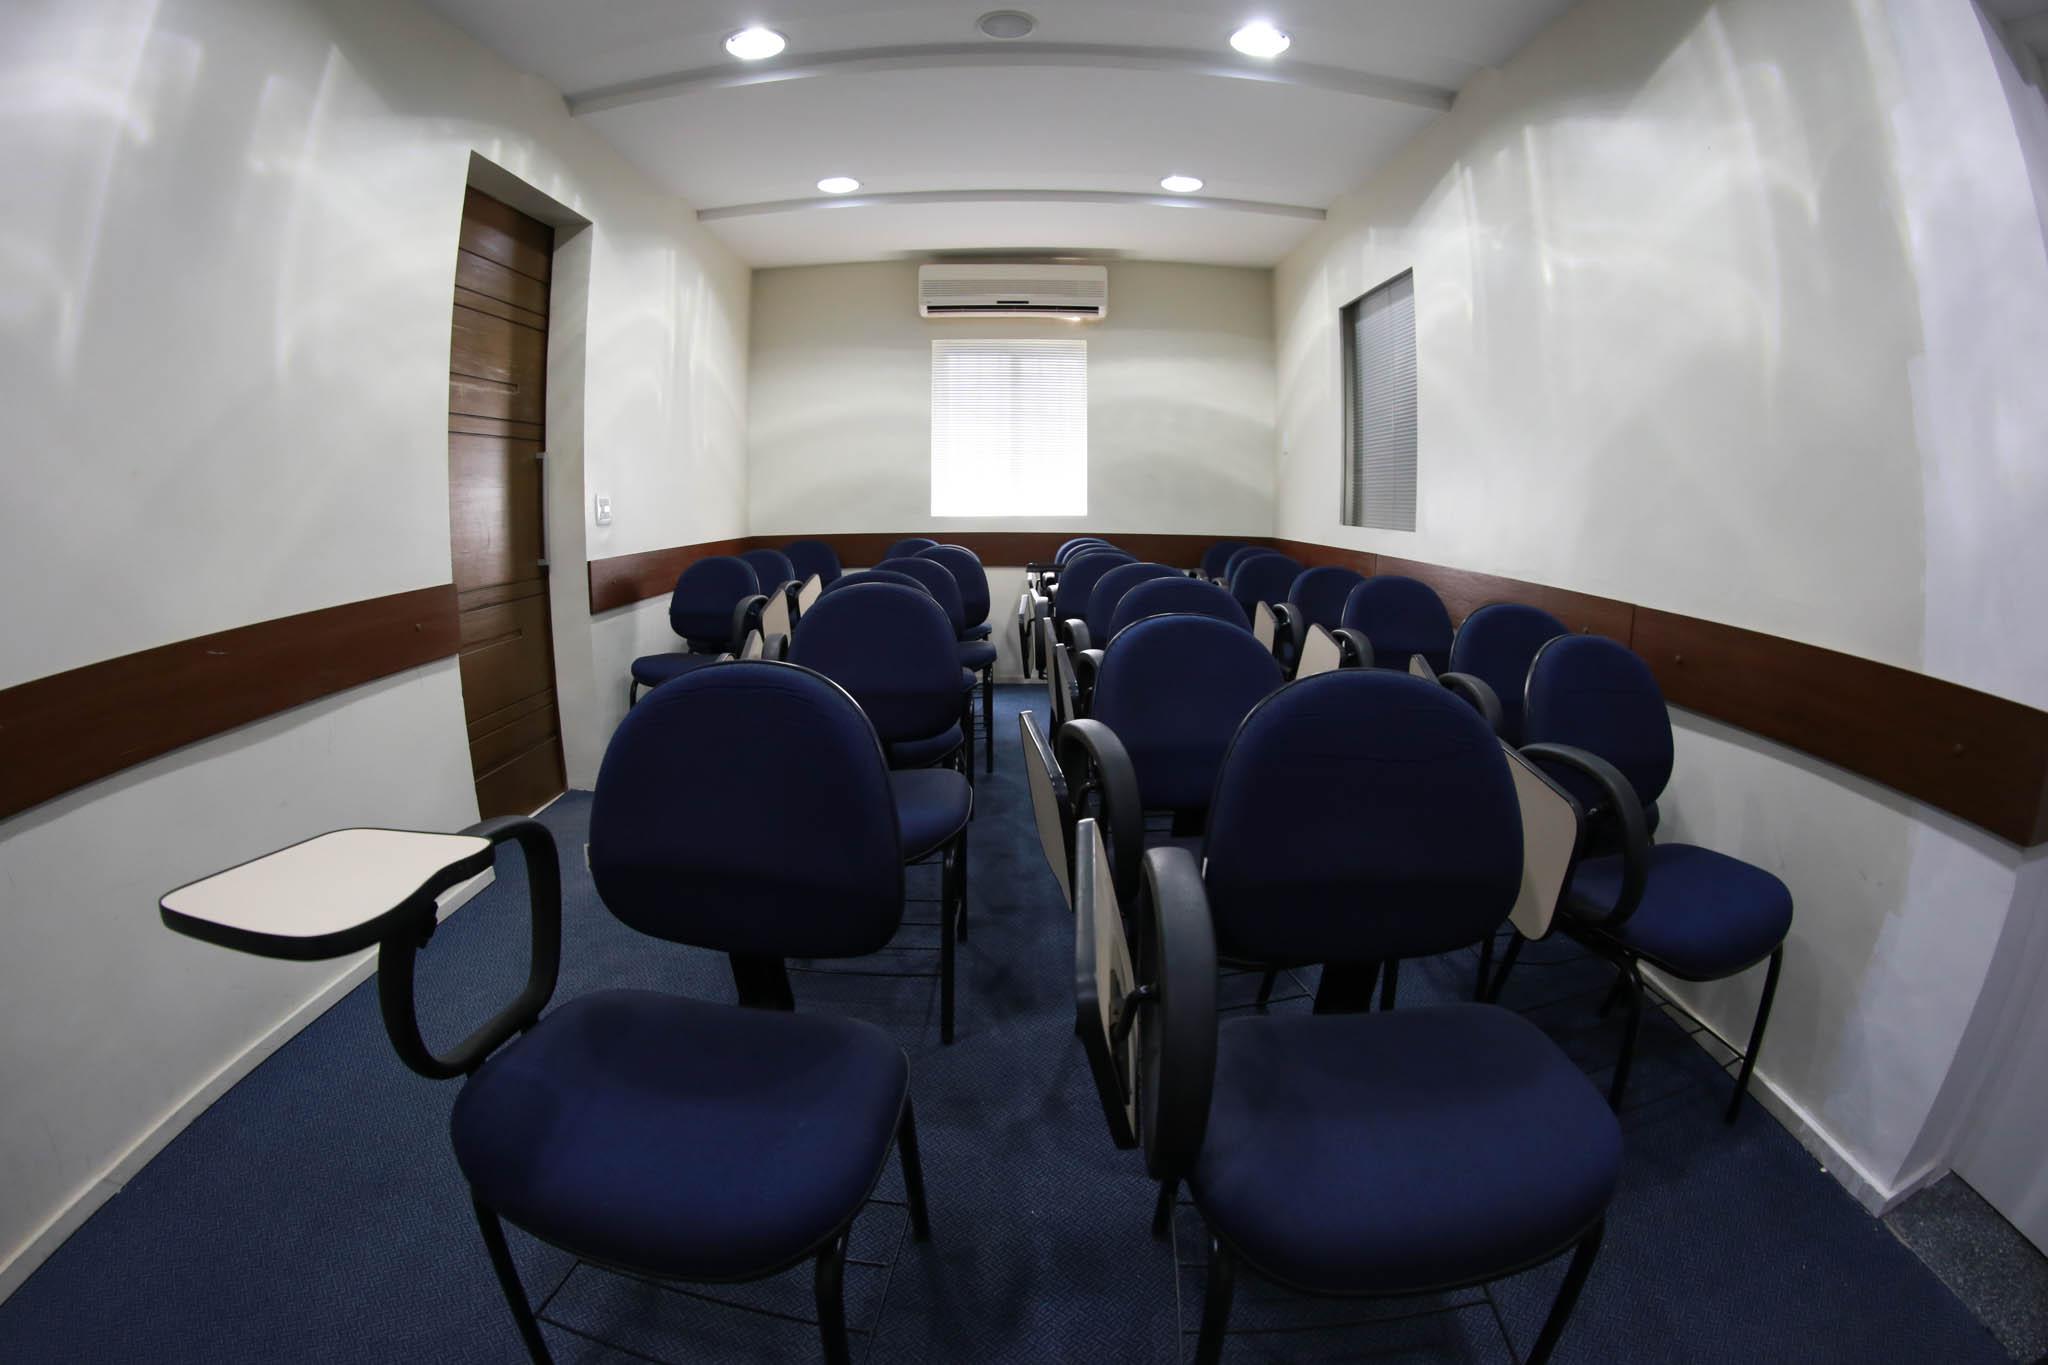 Auditório para aulas e reuniões